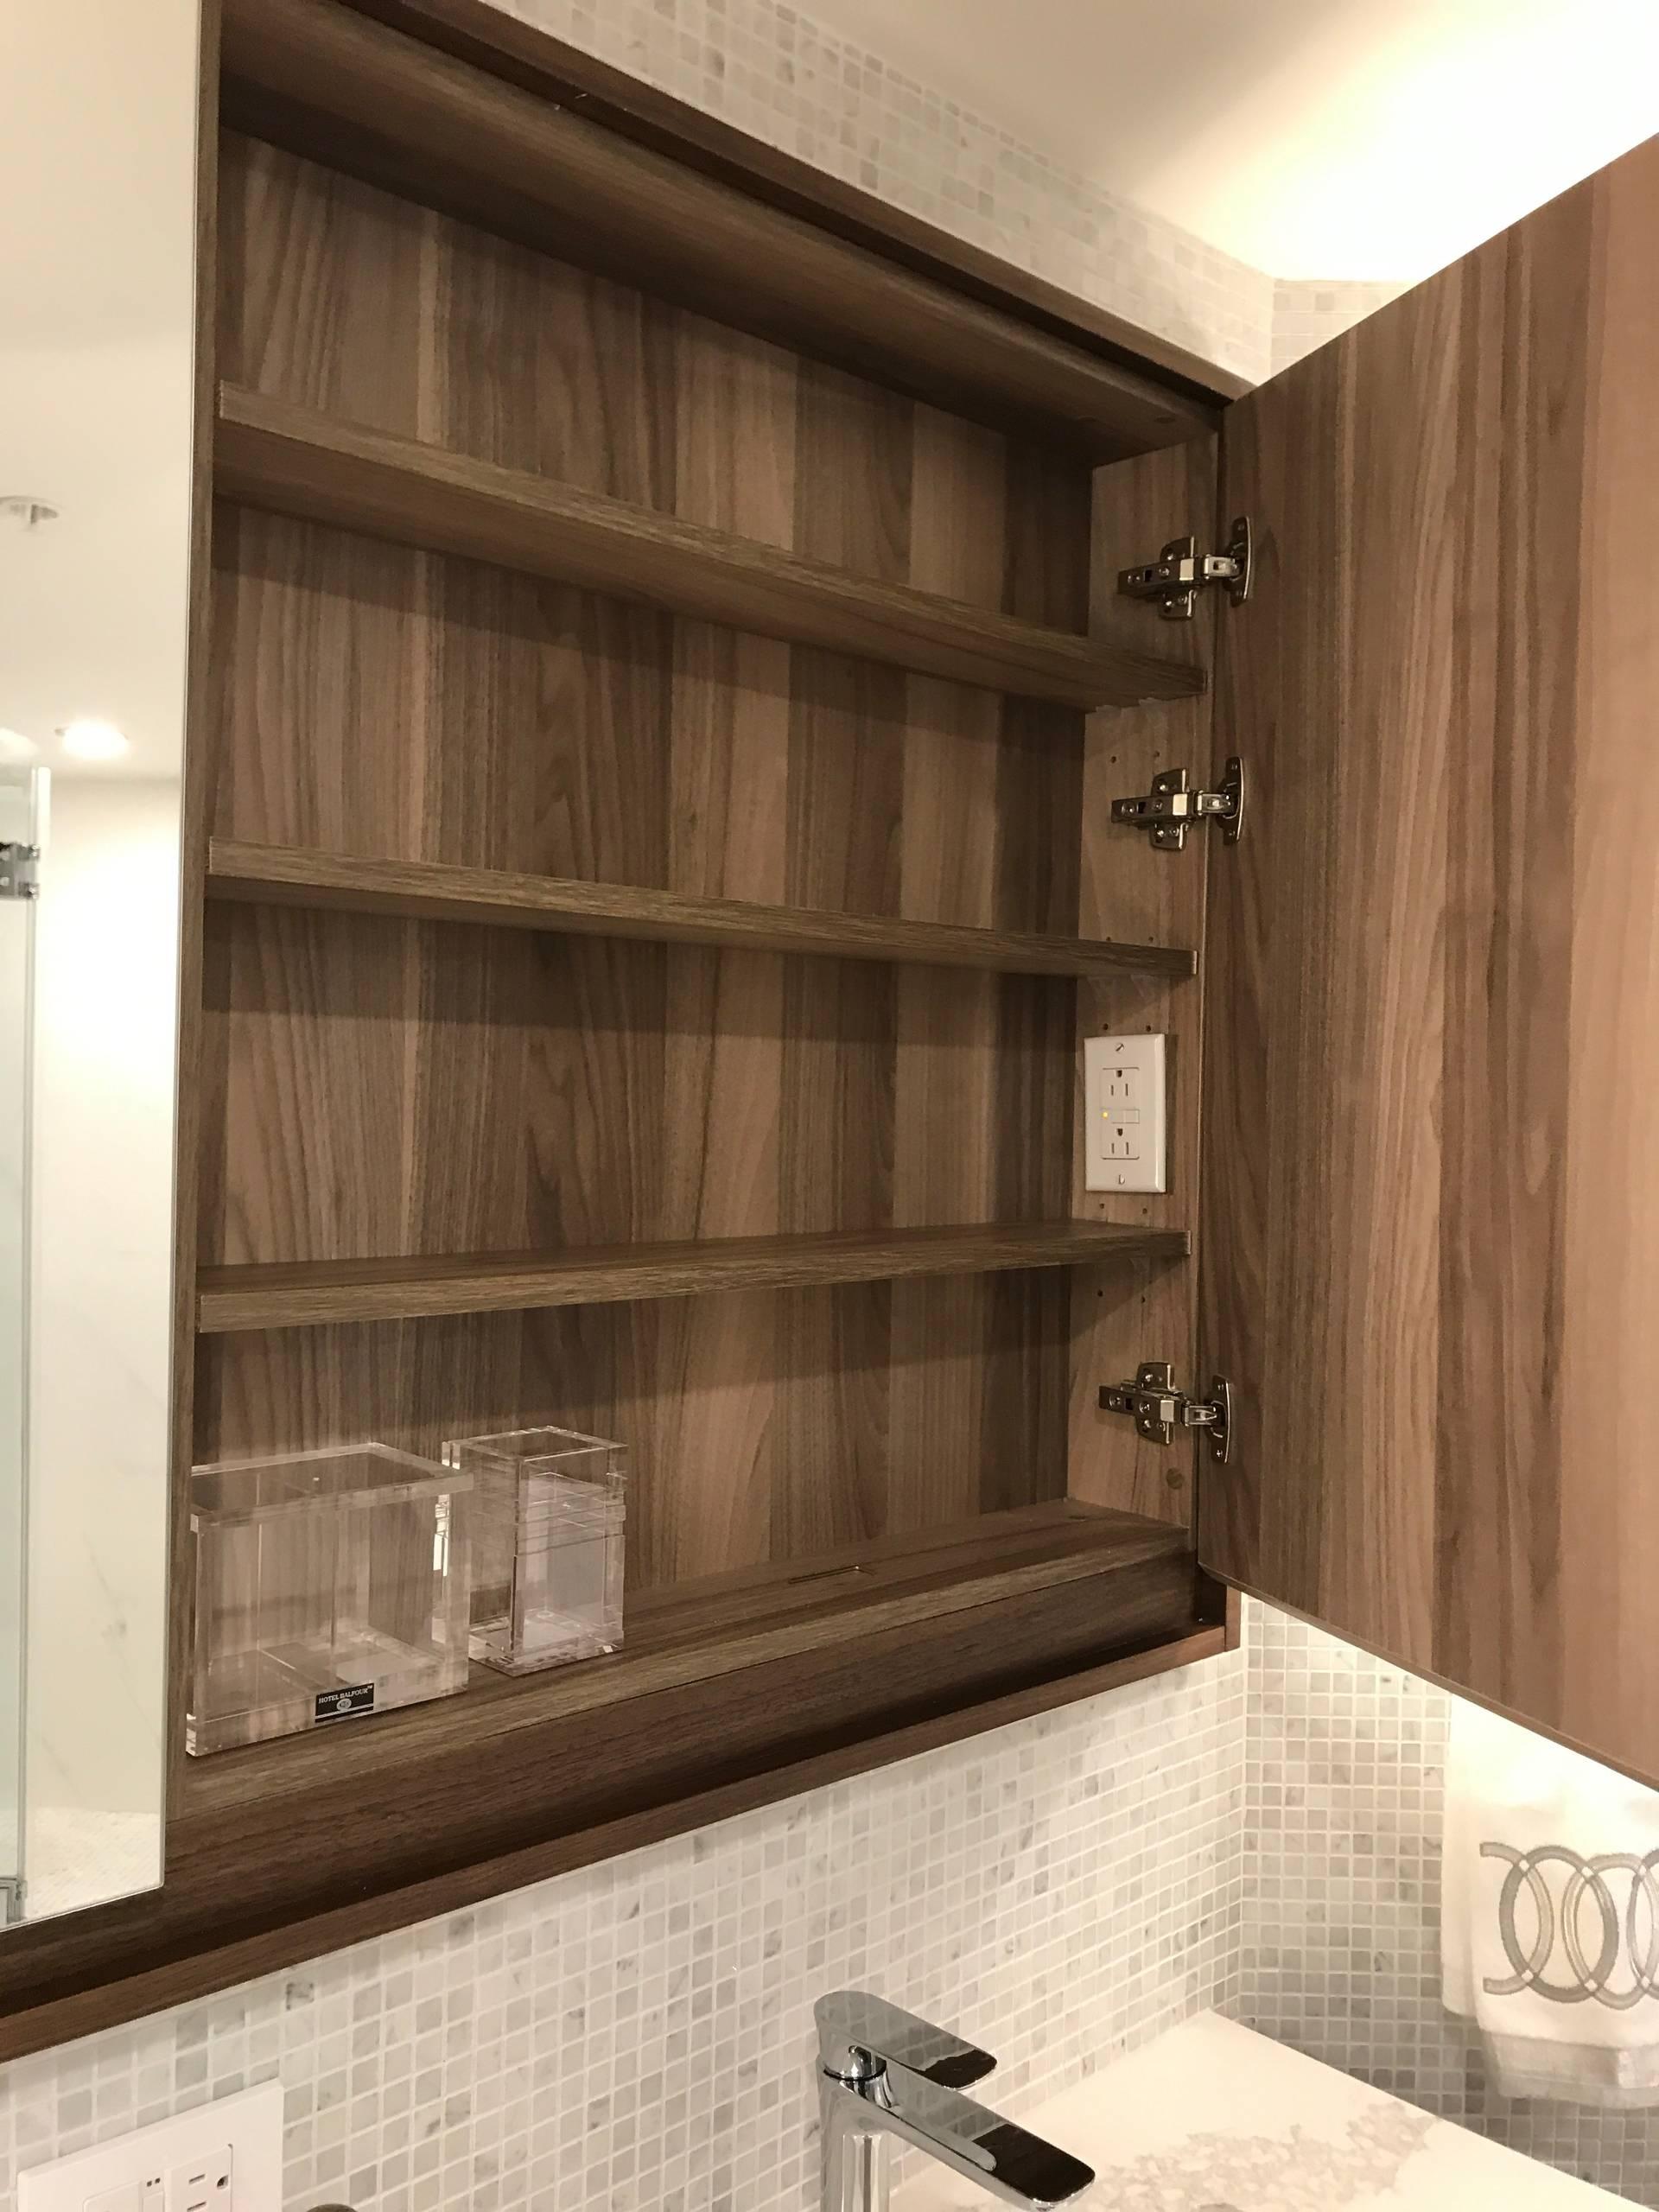 Club Marin 3 - Full Renovation Project